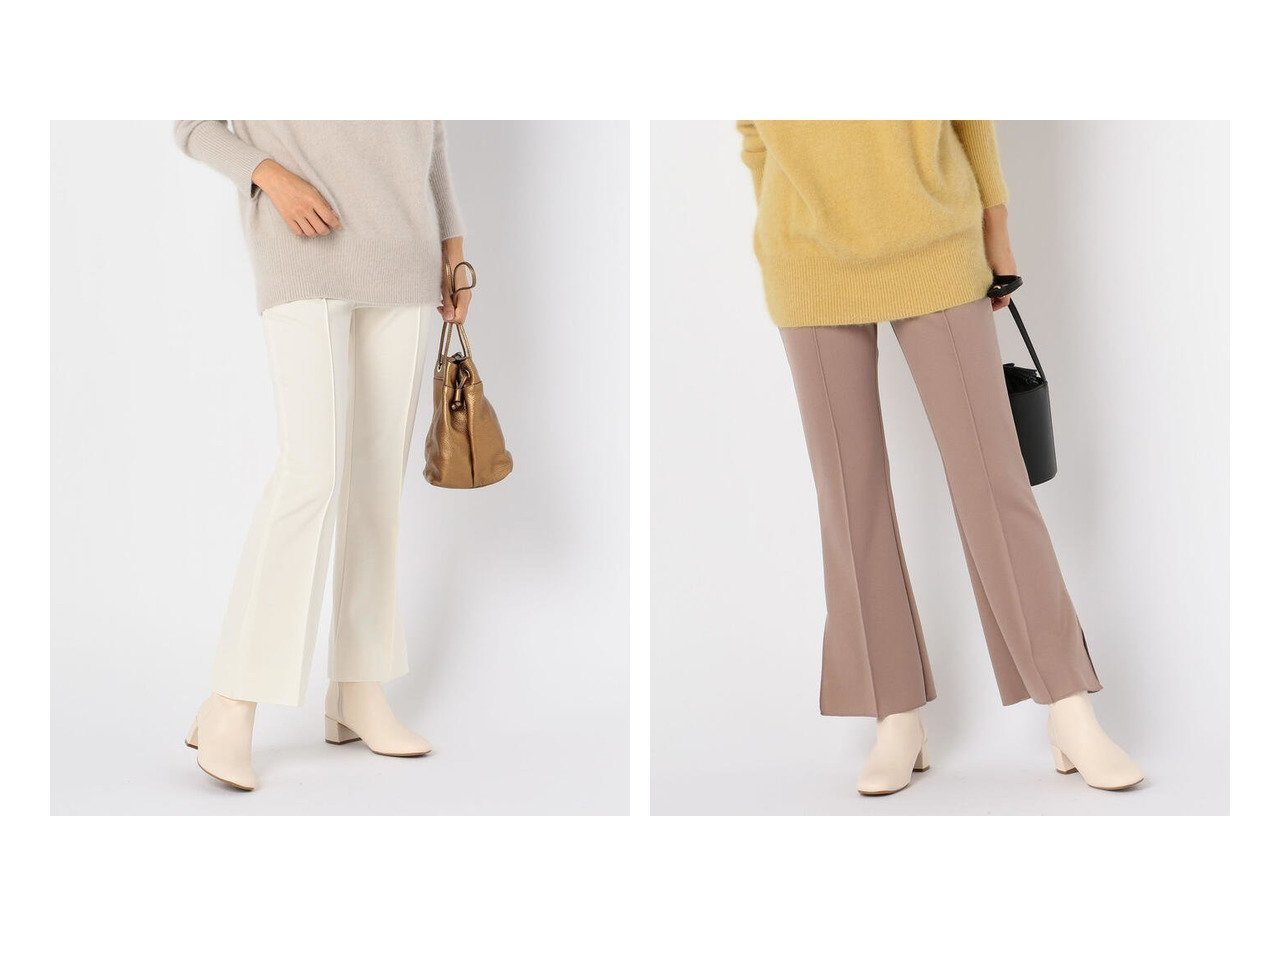 【NOLLEY'S/ノーリーズ】のストレッチポンチフレアパンツ ノーリーズのおすすめ!人気、トレンド・レディースファッションの通販 おすすめで人気の流行・トレンド、ファッションの通販商品 メンズファッション・キッズファッション・インテリア・家具・レディースファッション・服の通販 founy(ファニー) https://founy.com/ ファッション Fashion レディースファッション WOMEN パンツ Pants スタイリッシュ ストレッチ スリット フィット フレア 再入荷 Restock/Back in Stock/Re Arrival  ID:crp329100000021967